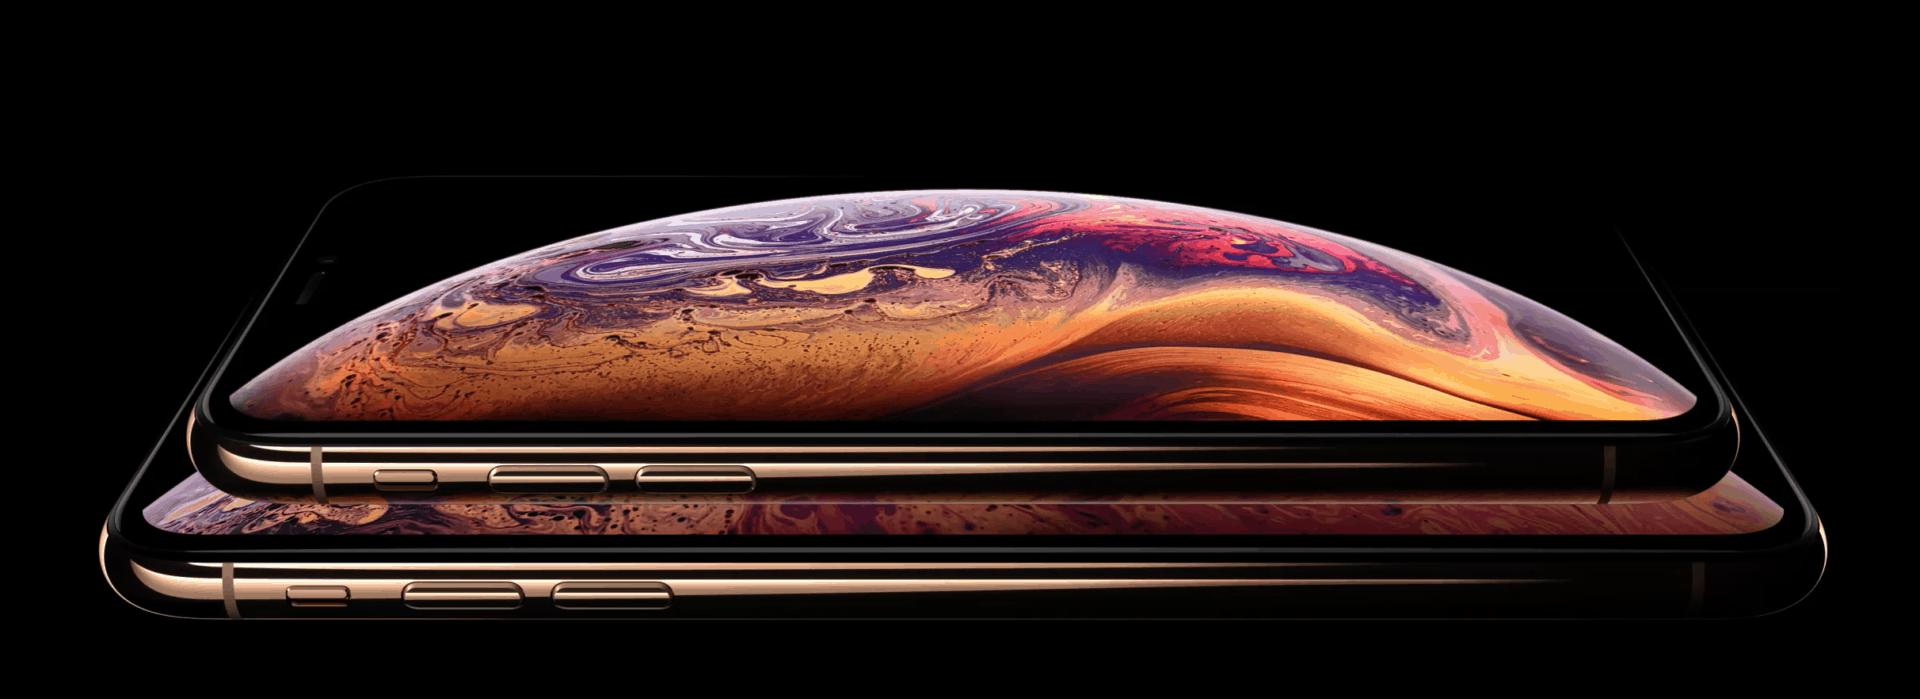 Novinky z letošního Apple Eventu? iPhone Xs, iPhone Xs Plus a Apple Pay